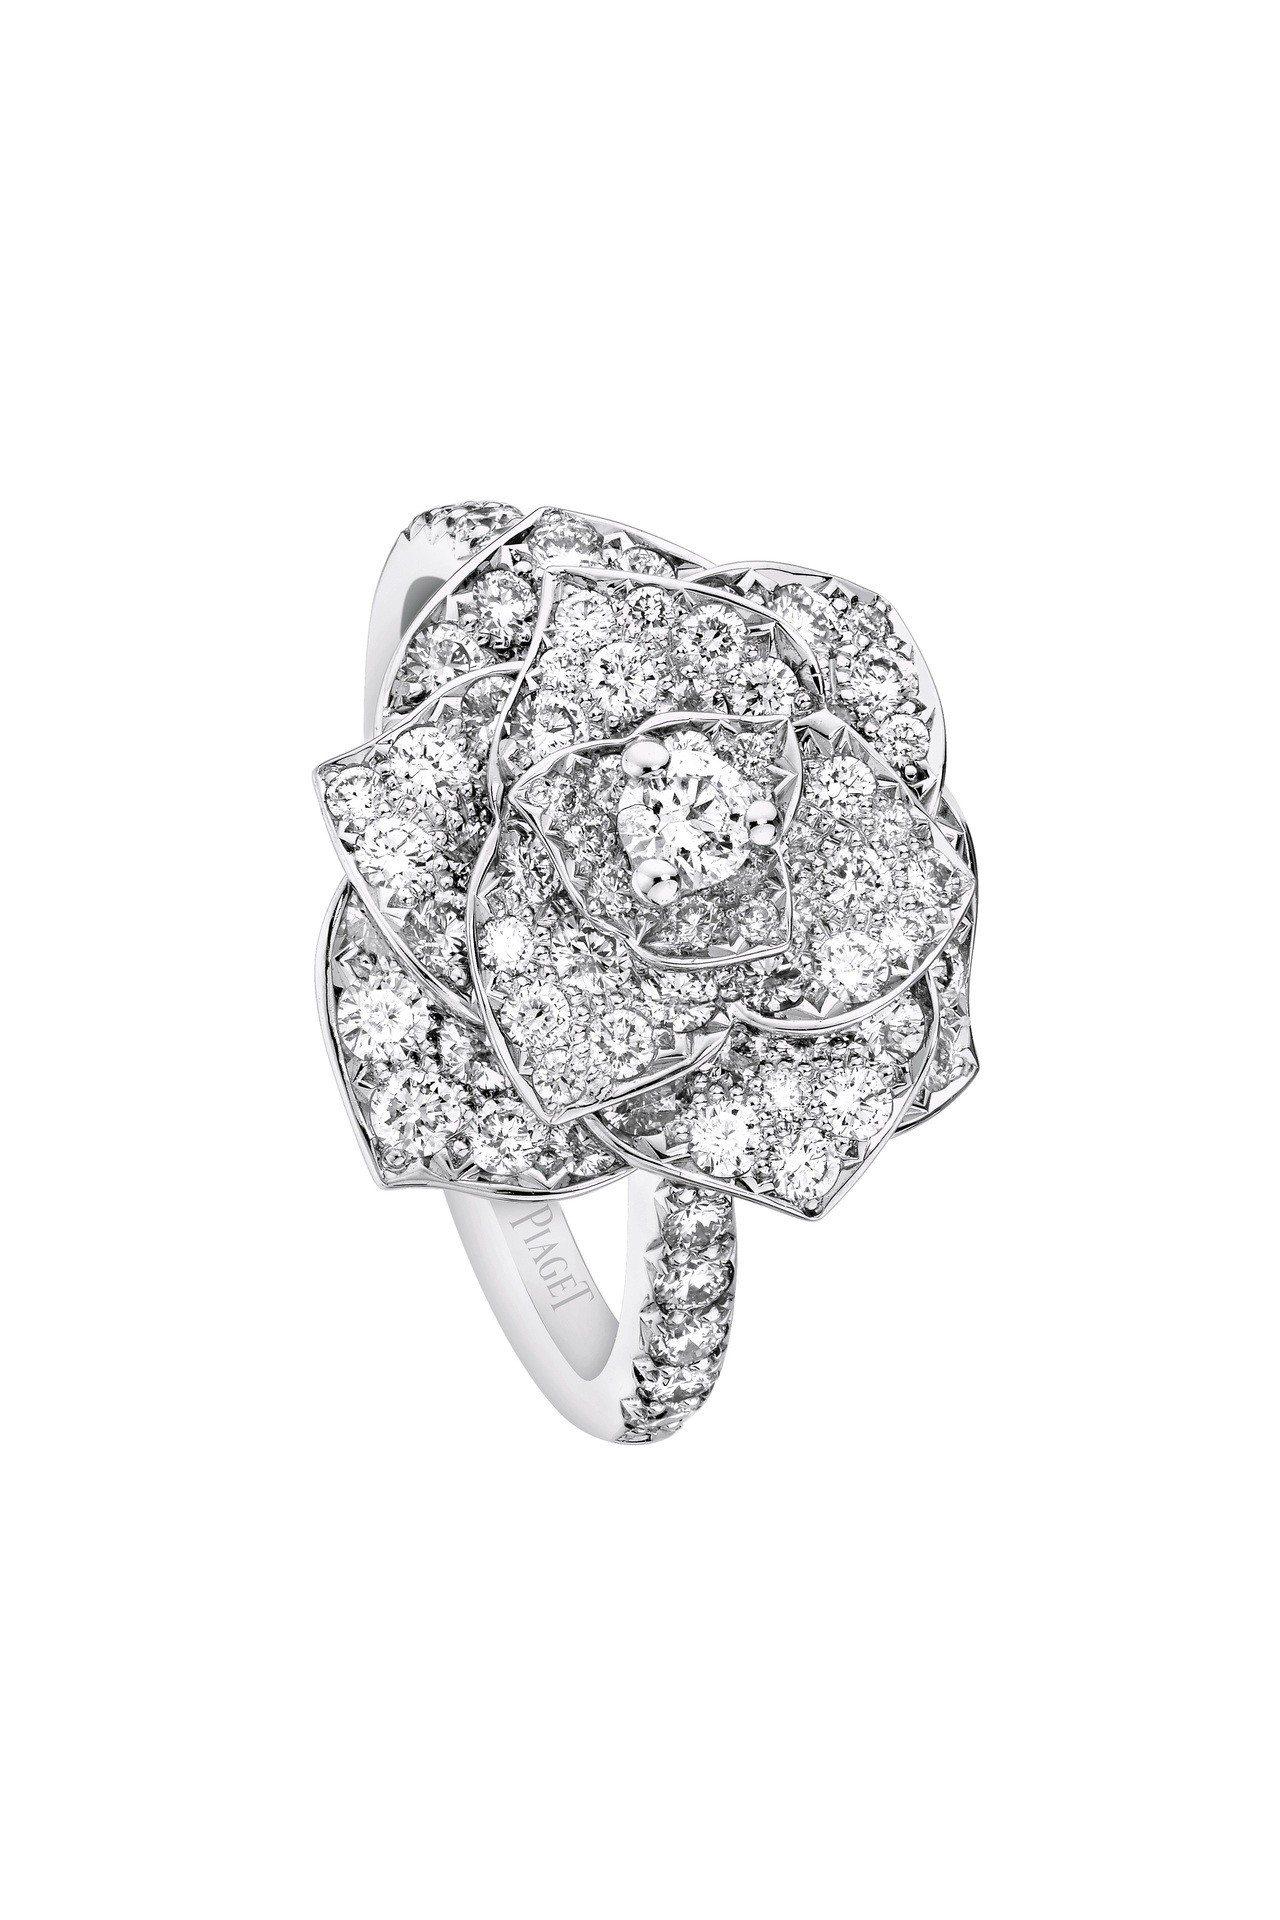 Piaget Rose系列指環,18K白金鑲嵌鑽石共約1.40克拉,35萬3,0...